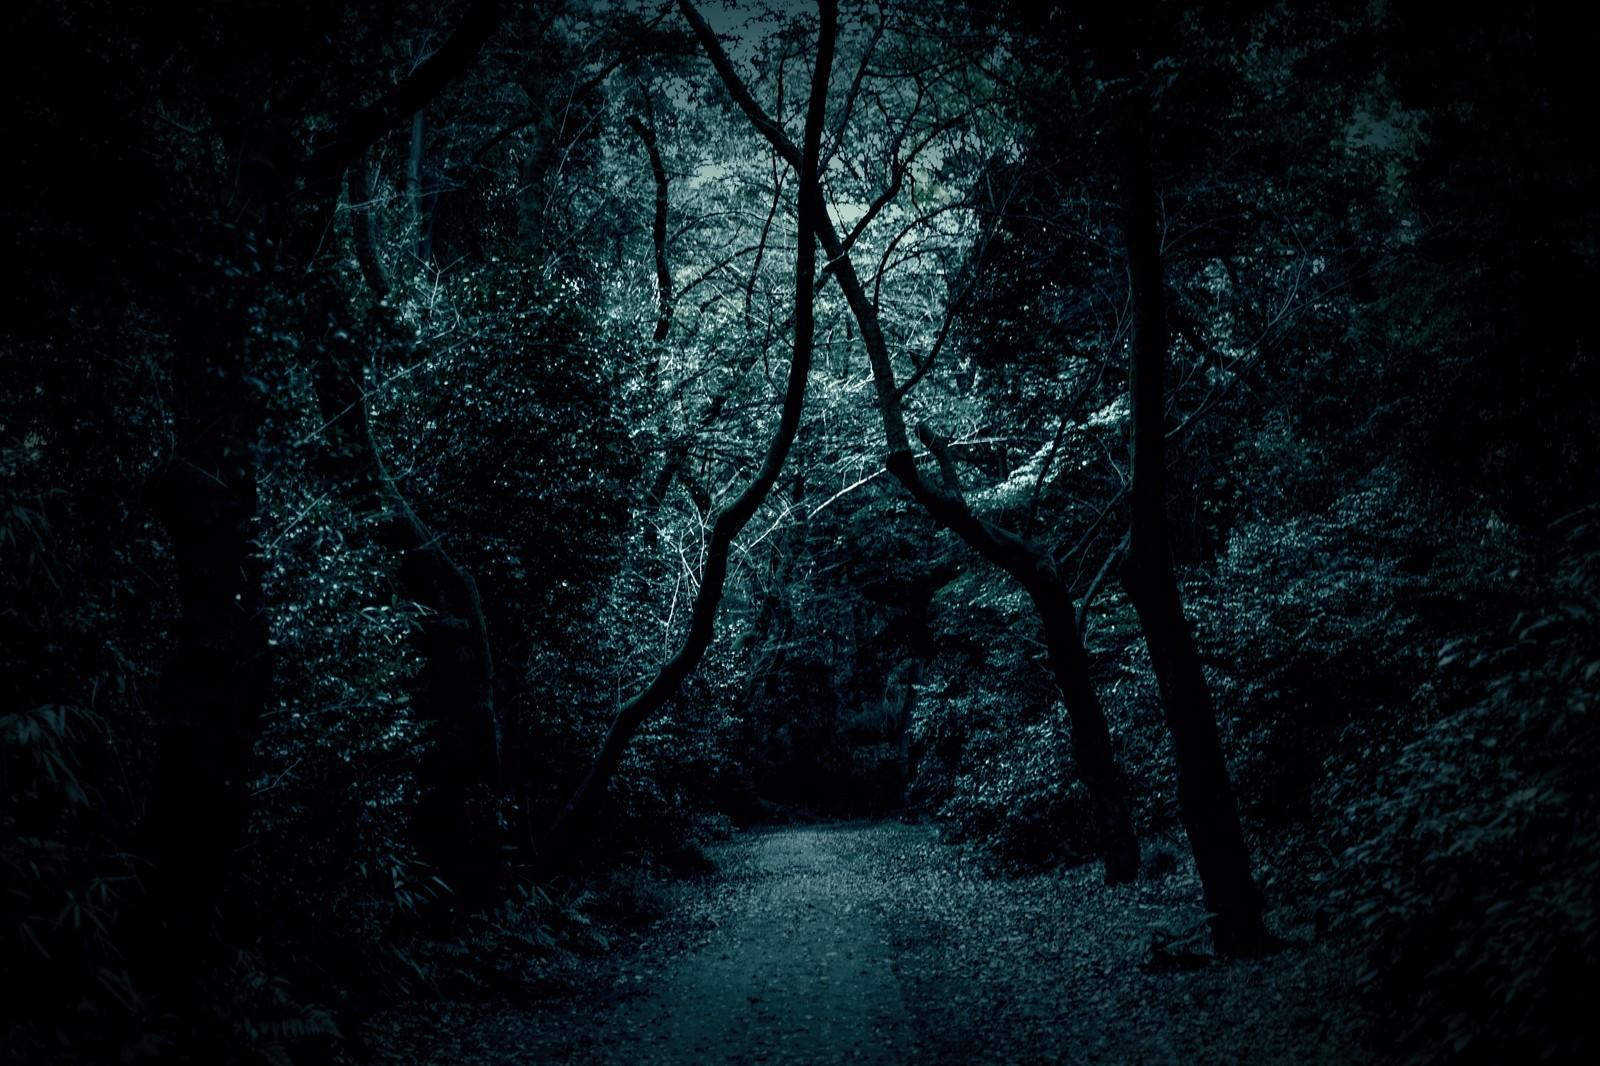 「木々の中の薄暗い道」の写真